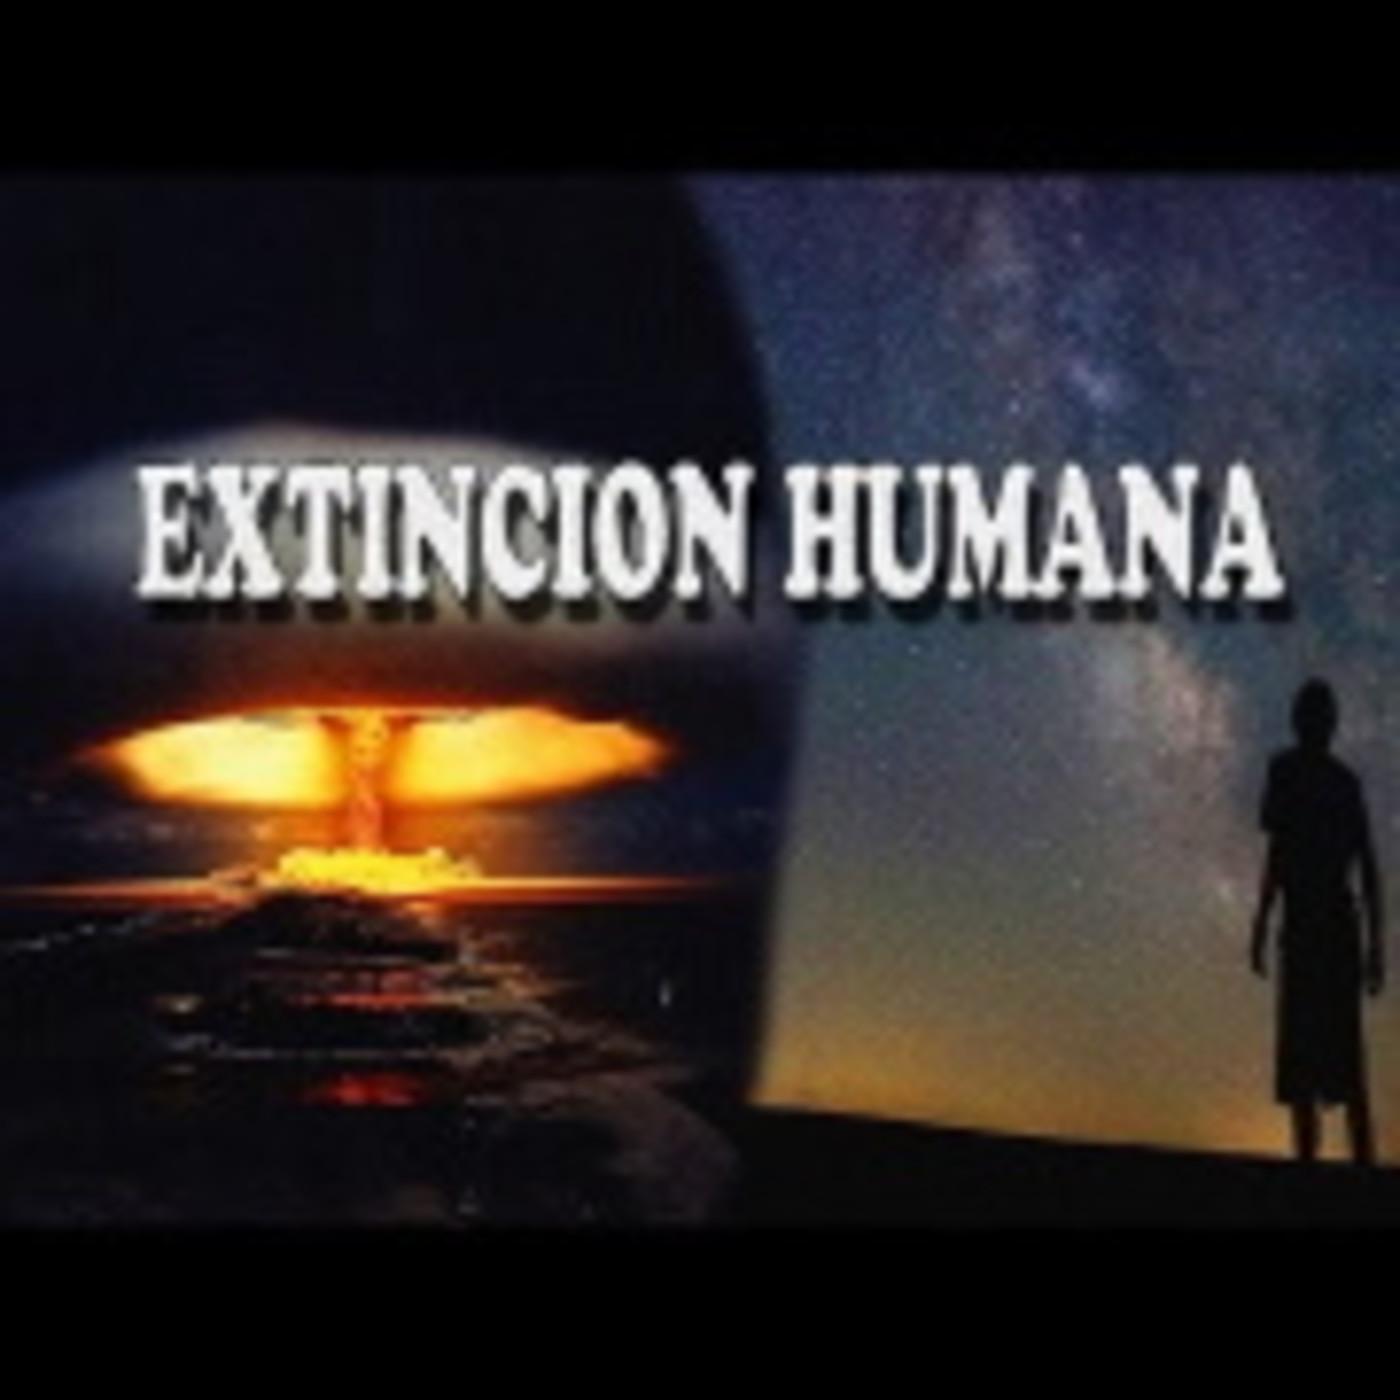 La extinción humana - Evolución